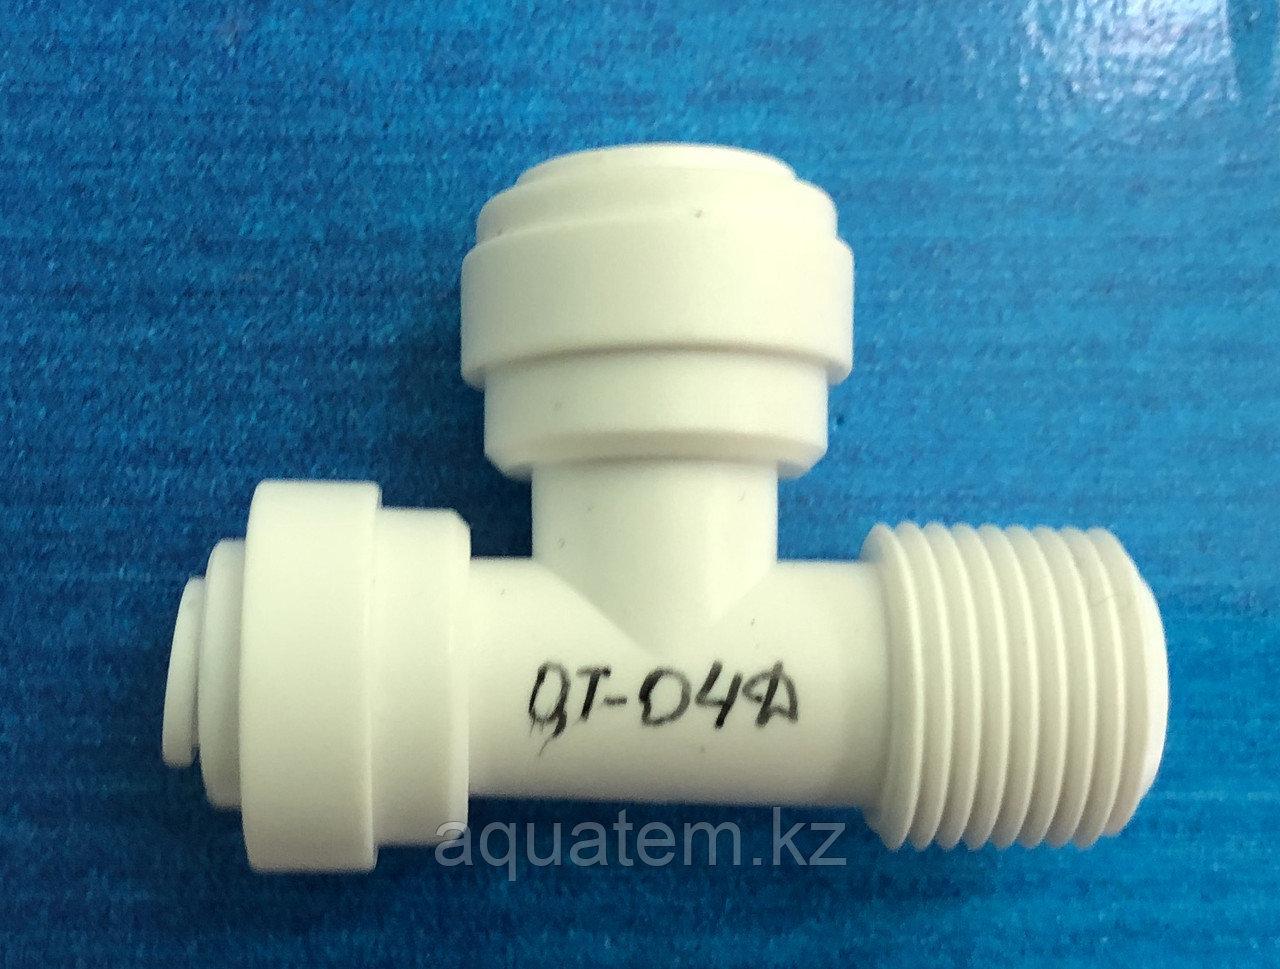 Фитинг QT-04D